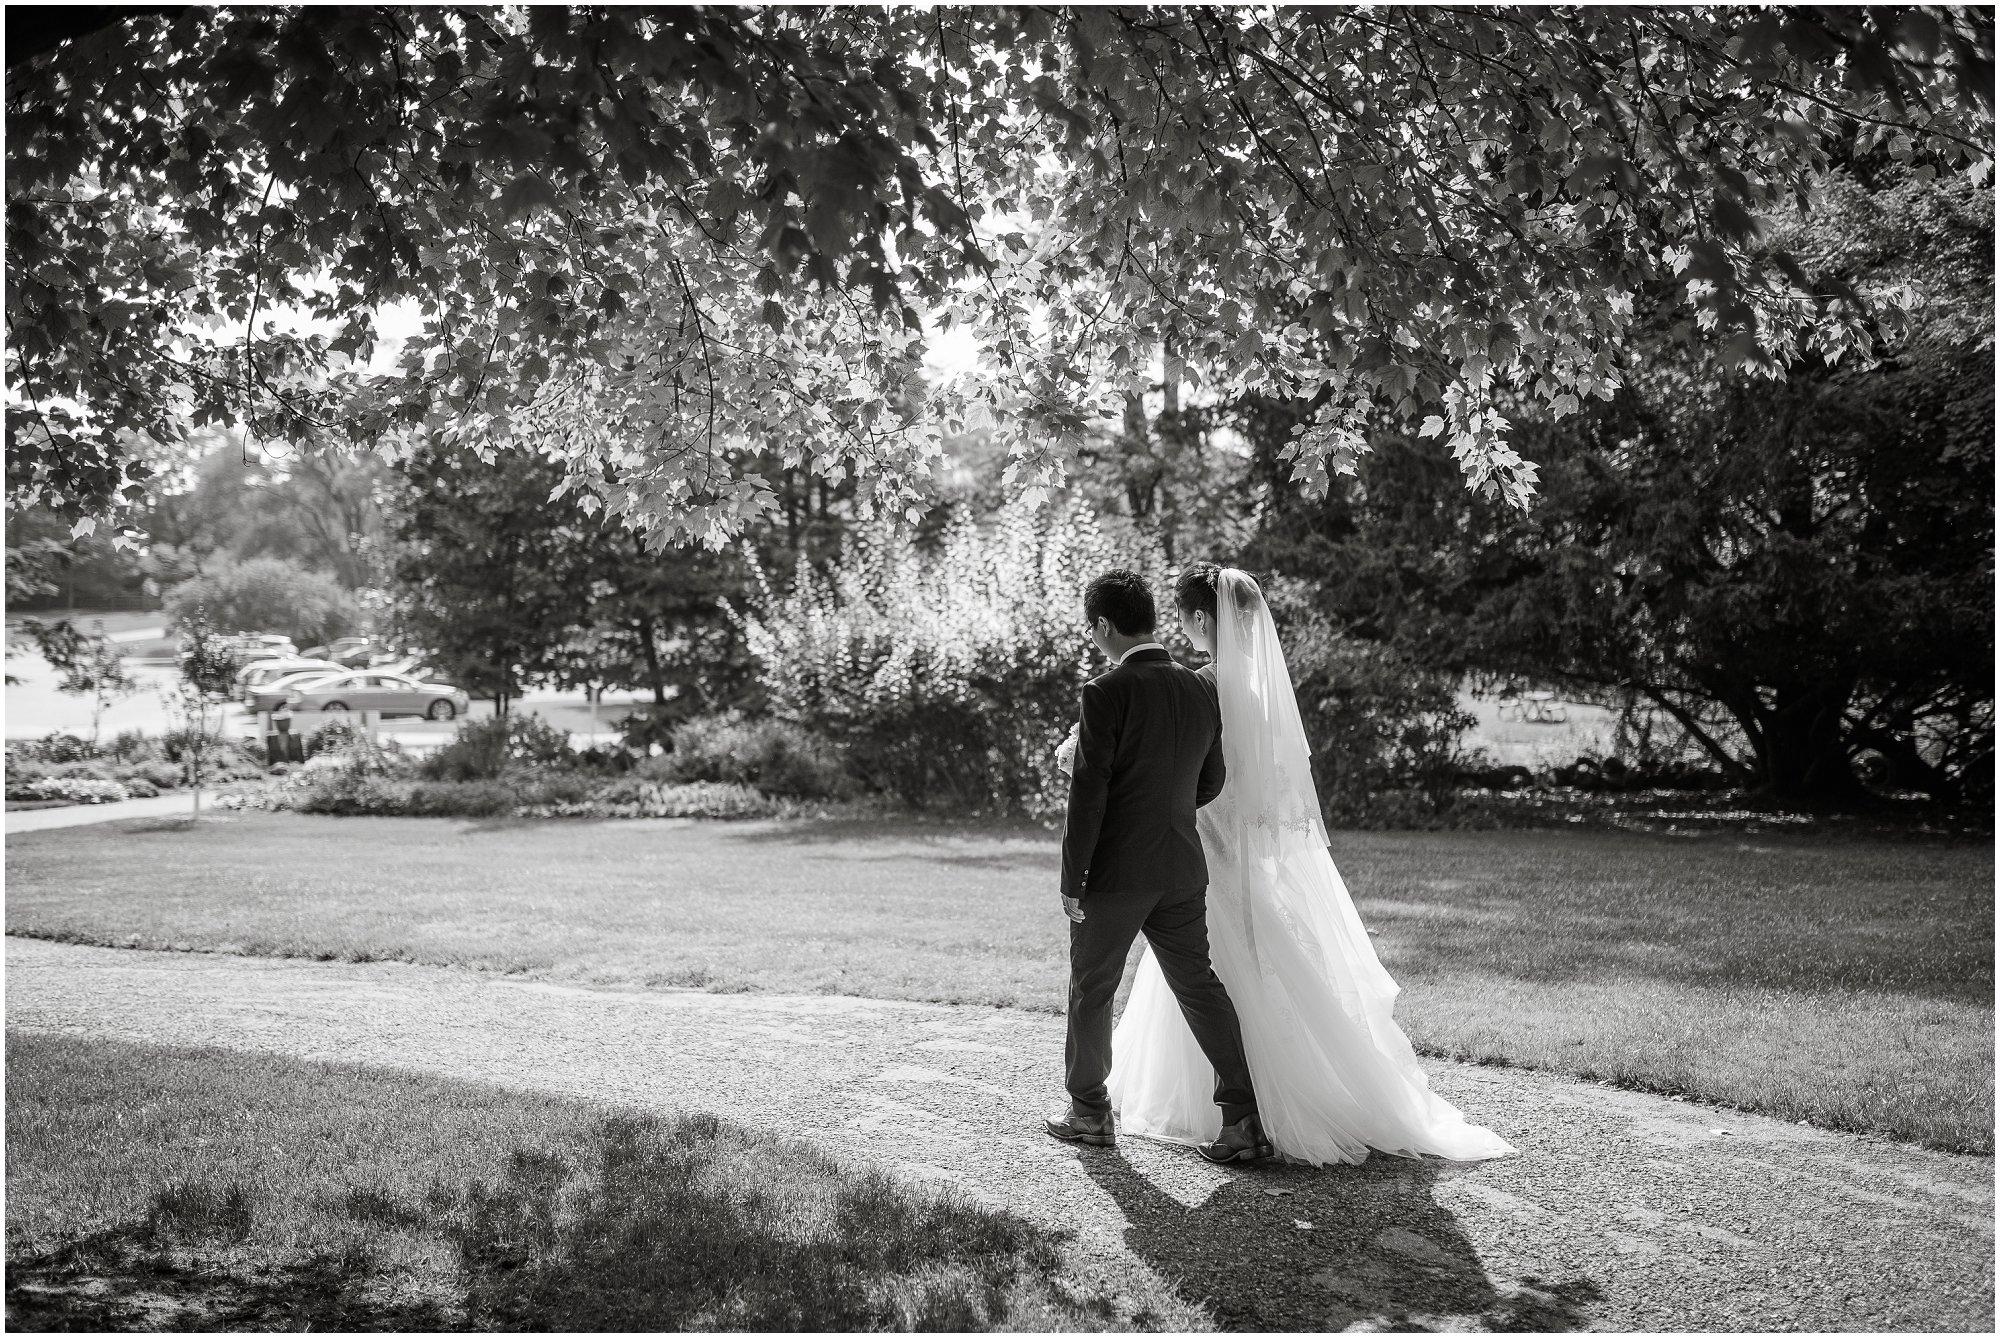 University-of-michigan-museum-of-art-wedding_1315.jpg